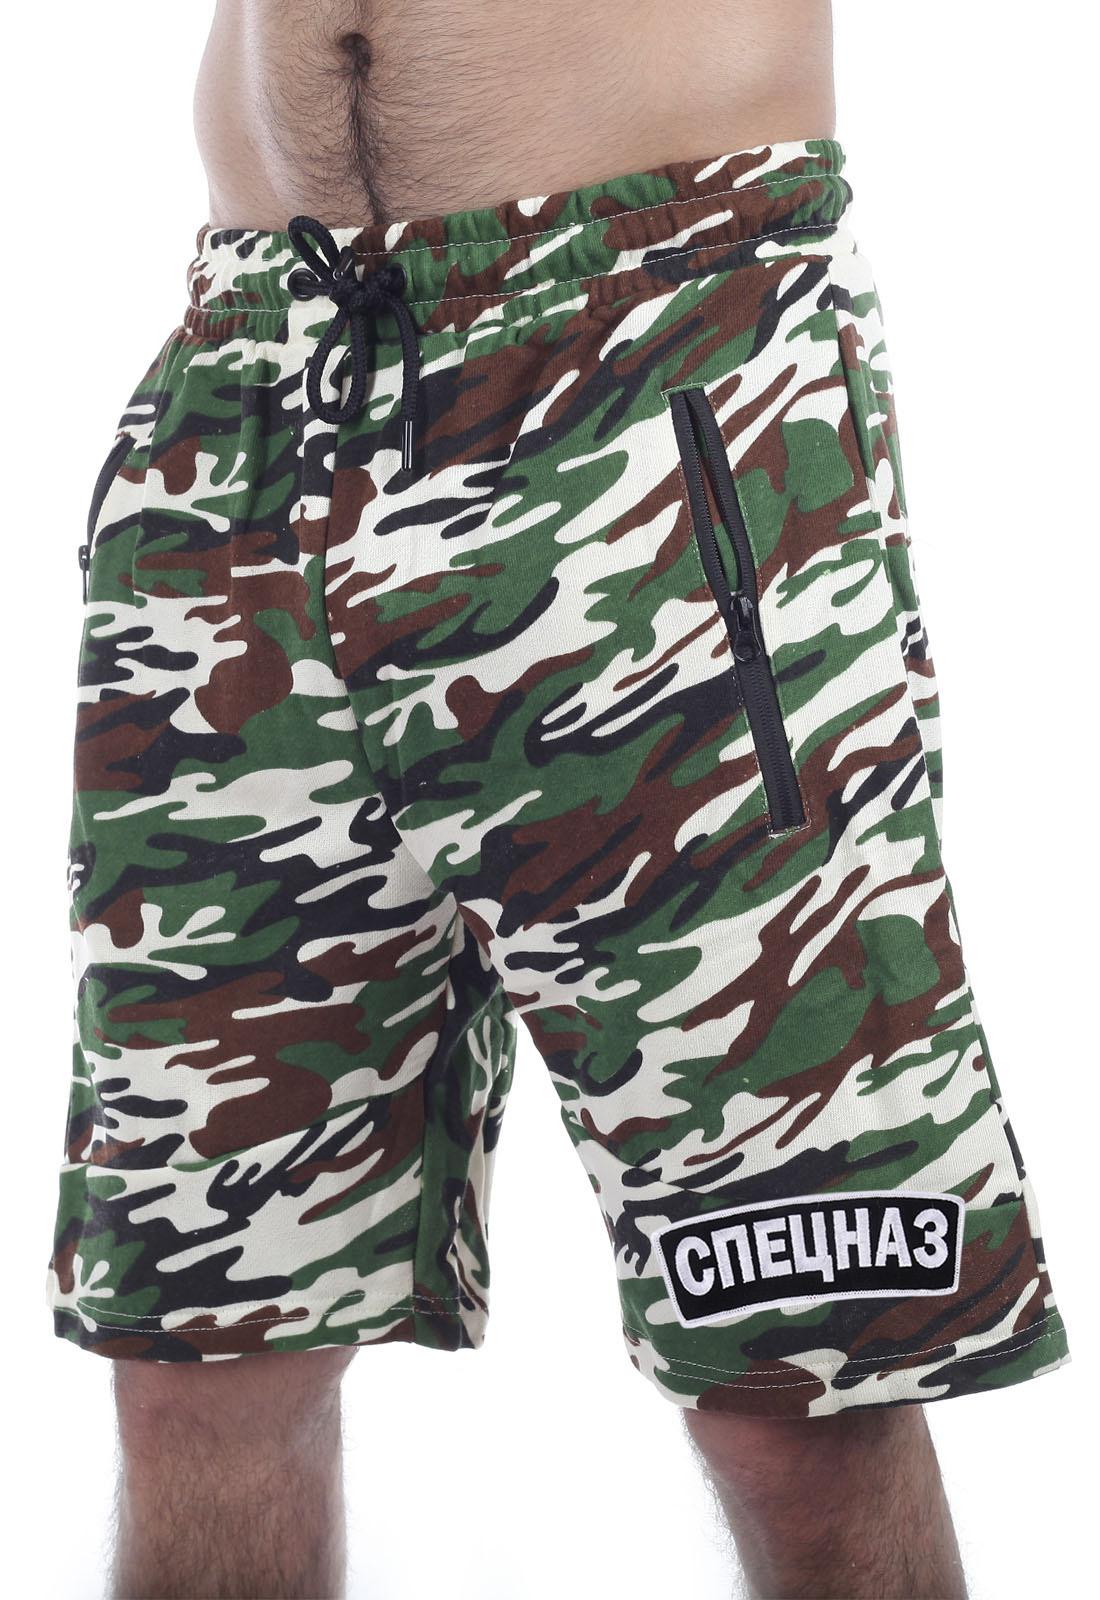 Купить мужские шорты с эффектной вышивкой Спецназ